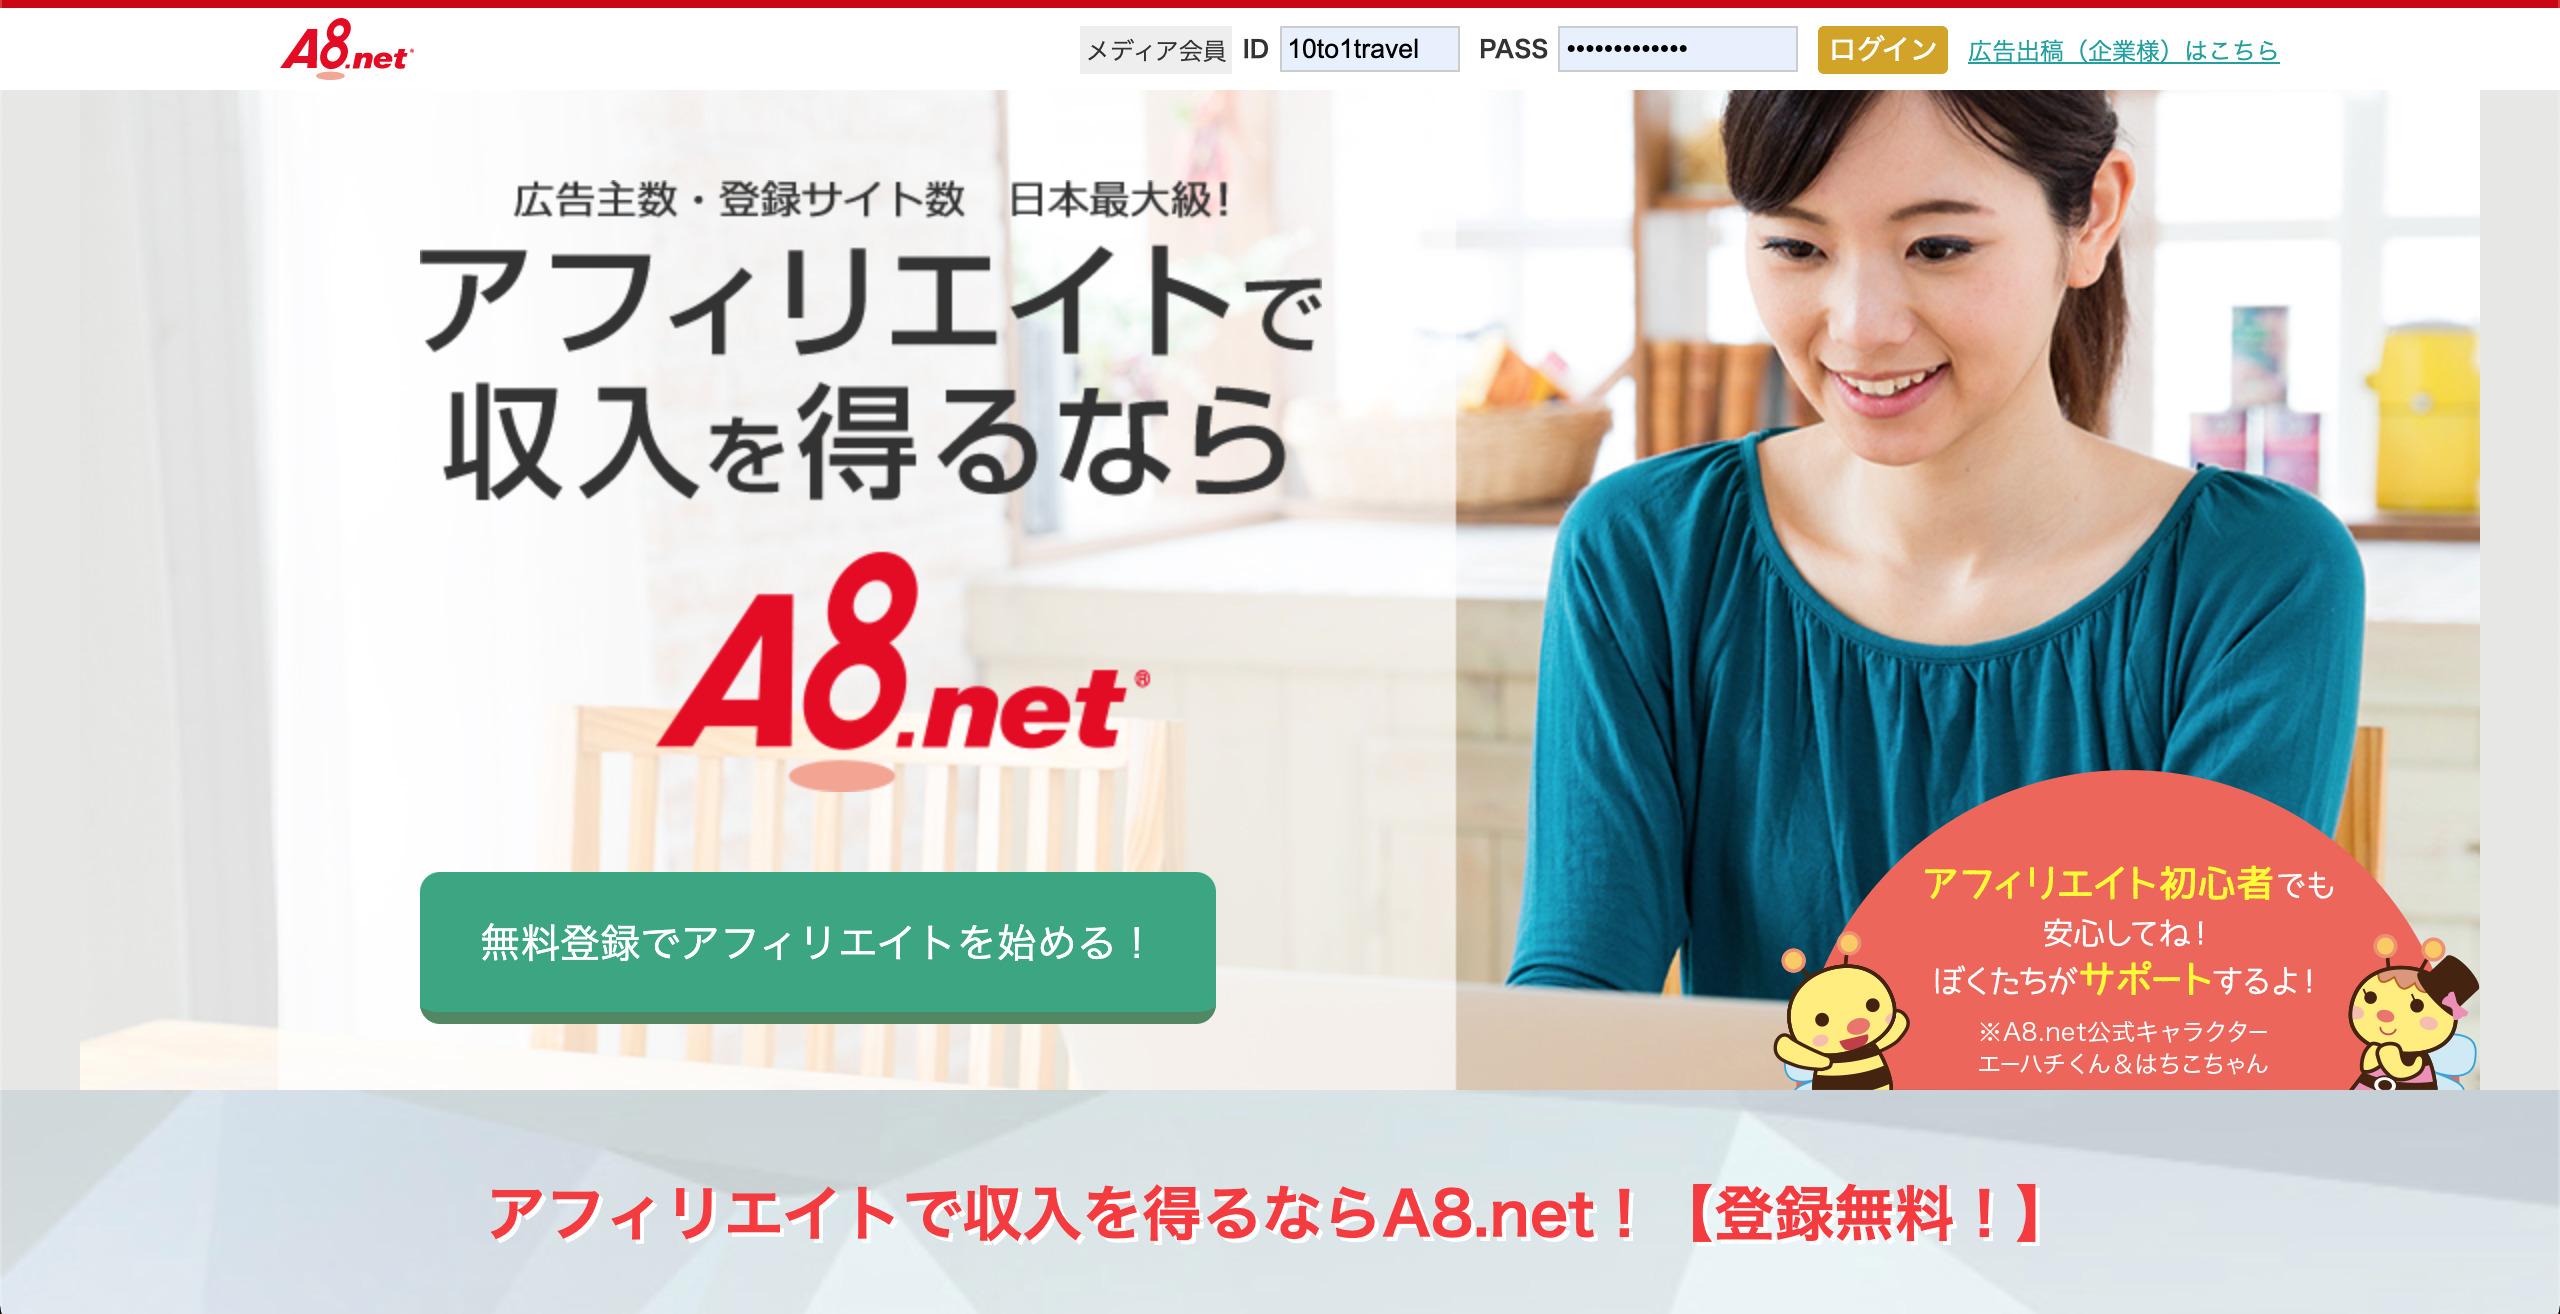 定番ASP①:A8.net